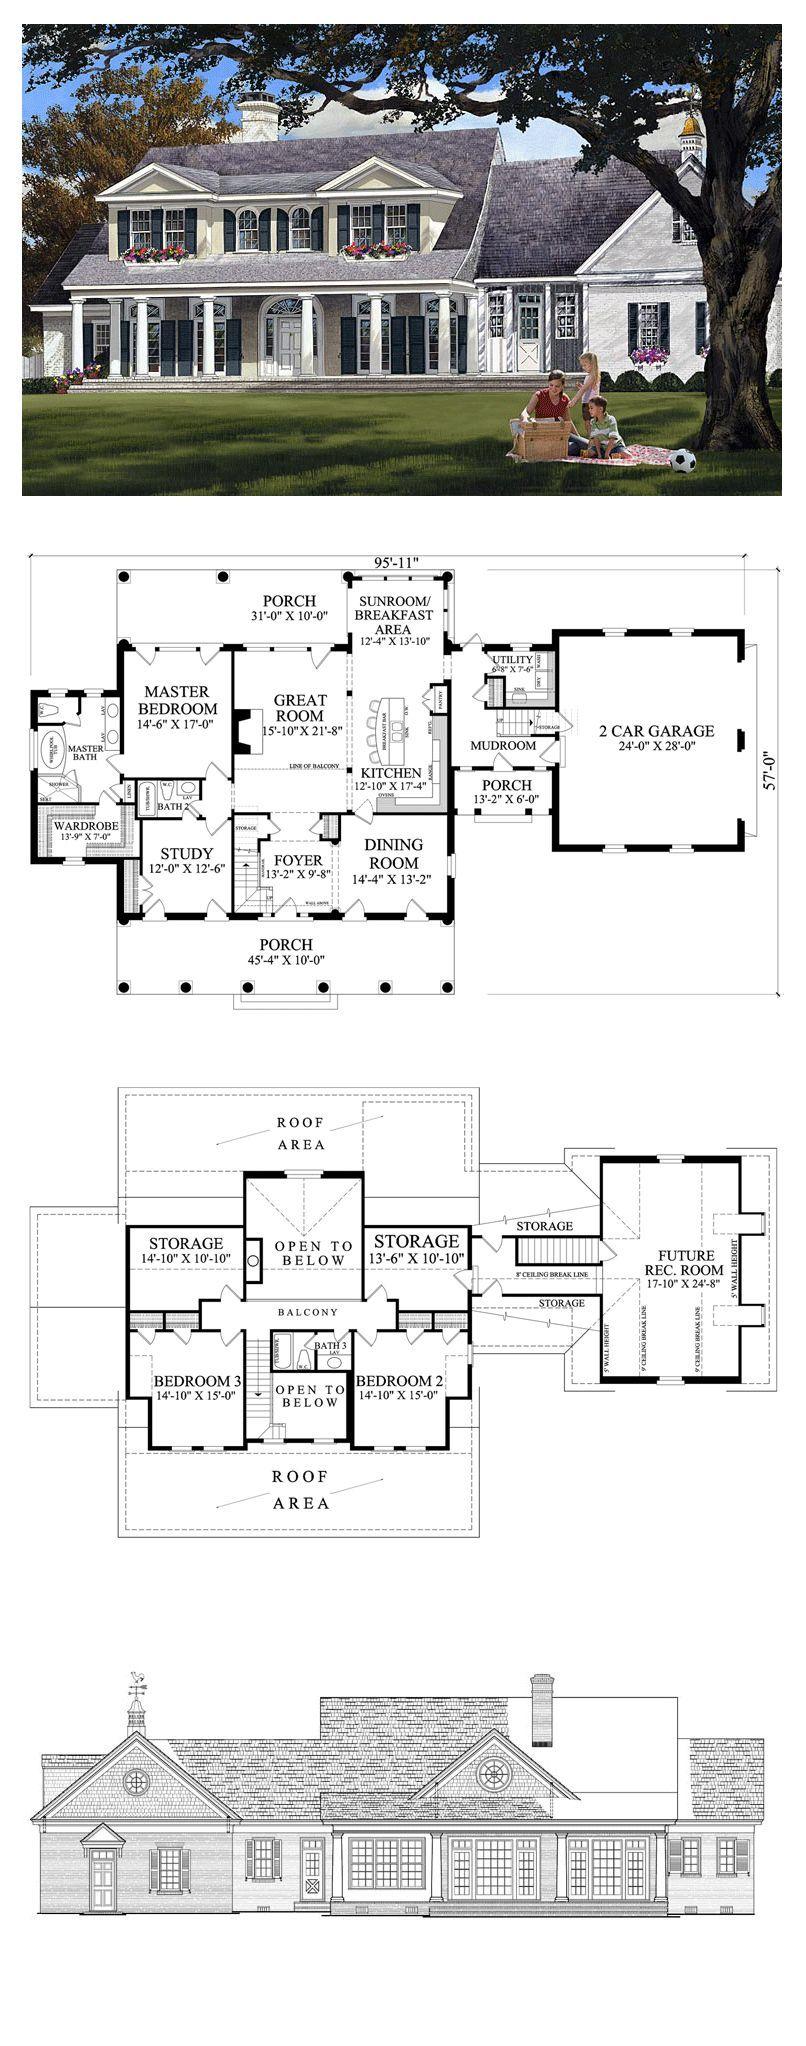 jlridereports architecture haus pl ne haus und haus grundriss. Black Bedroom Furniture Sets. Home Design Ideas